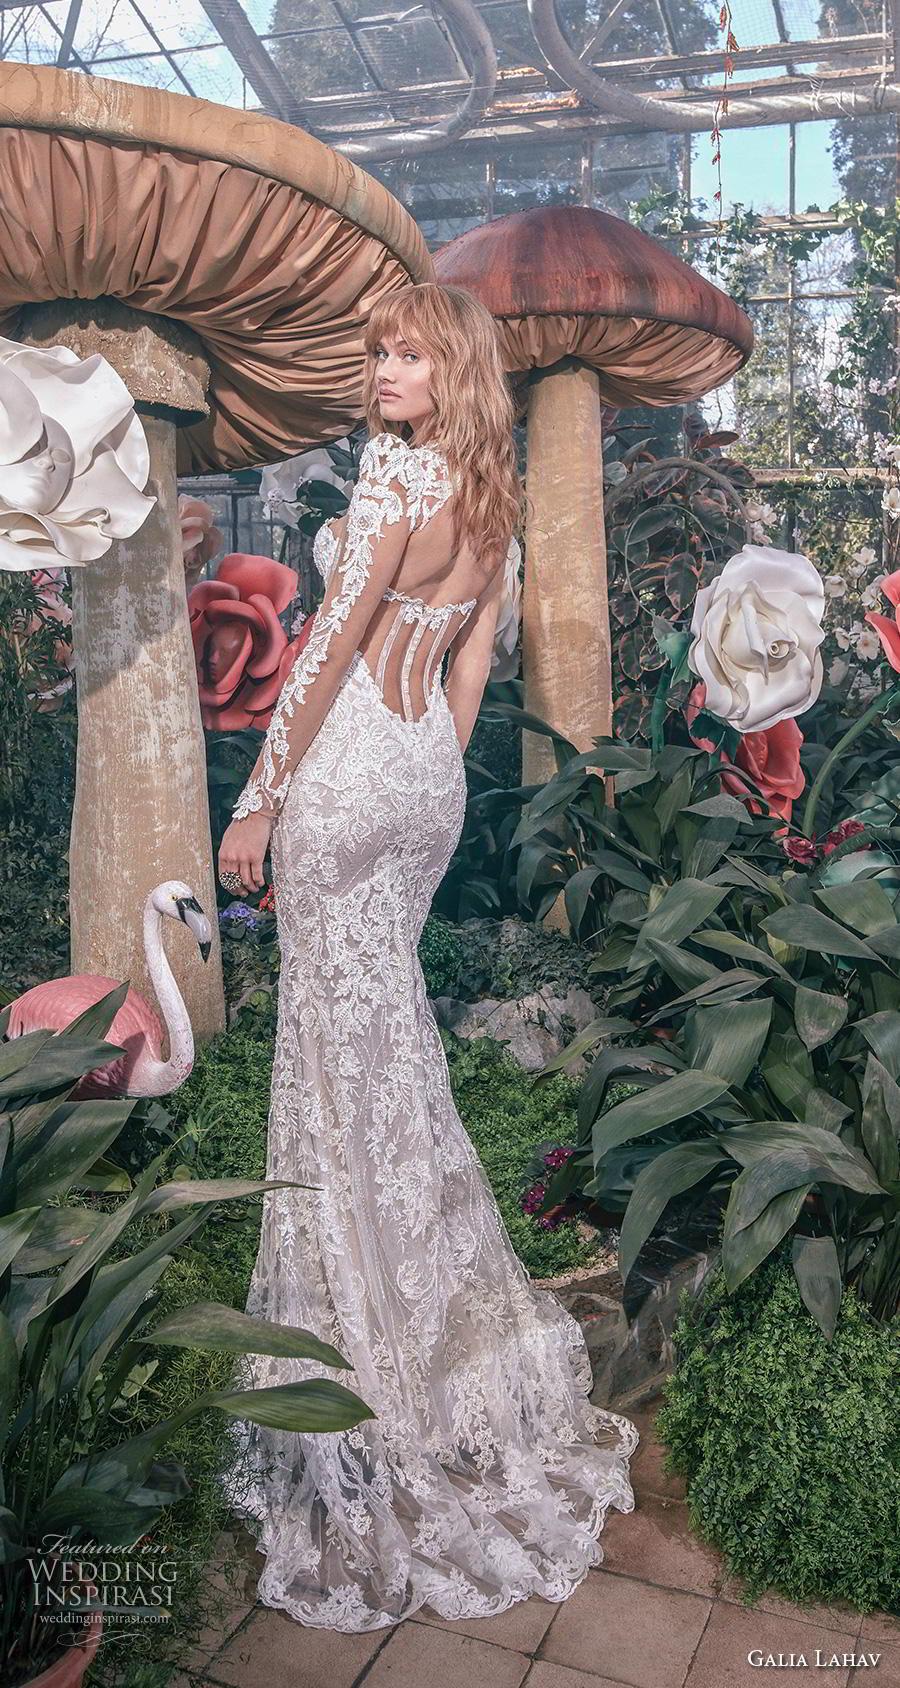 galia lahav s2020 gala bridal long sleeves illusion bateau sweetheart neckline full embellishment elegant glamorous sheath fit and flare wedding dress keyhole back sweep train (10) bv